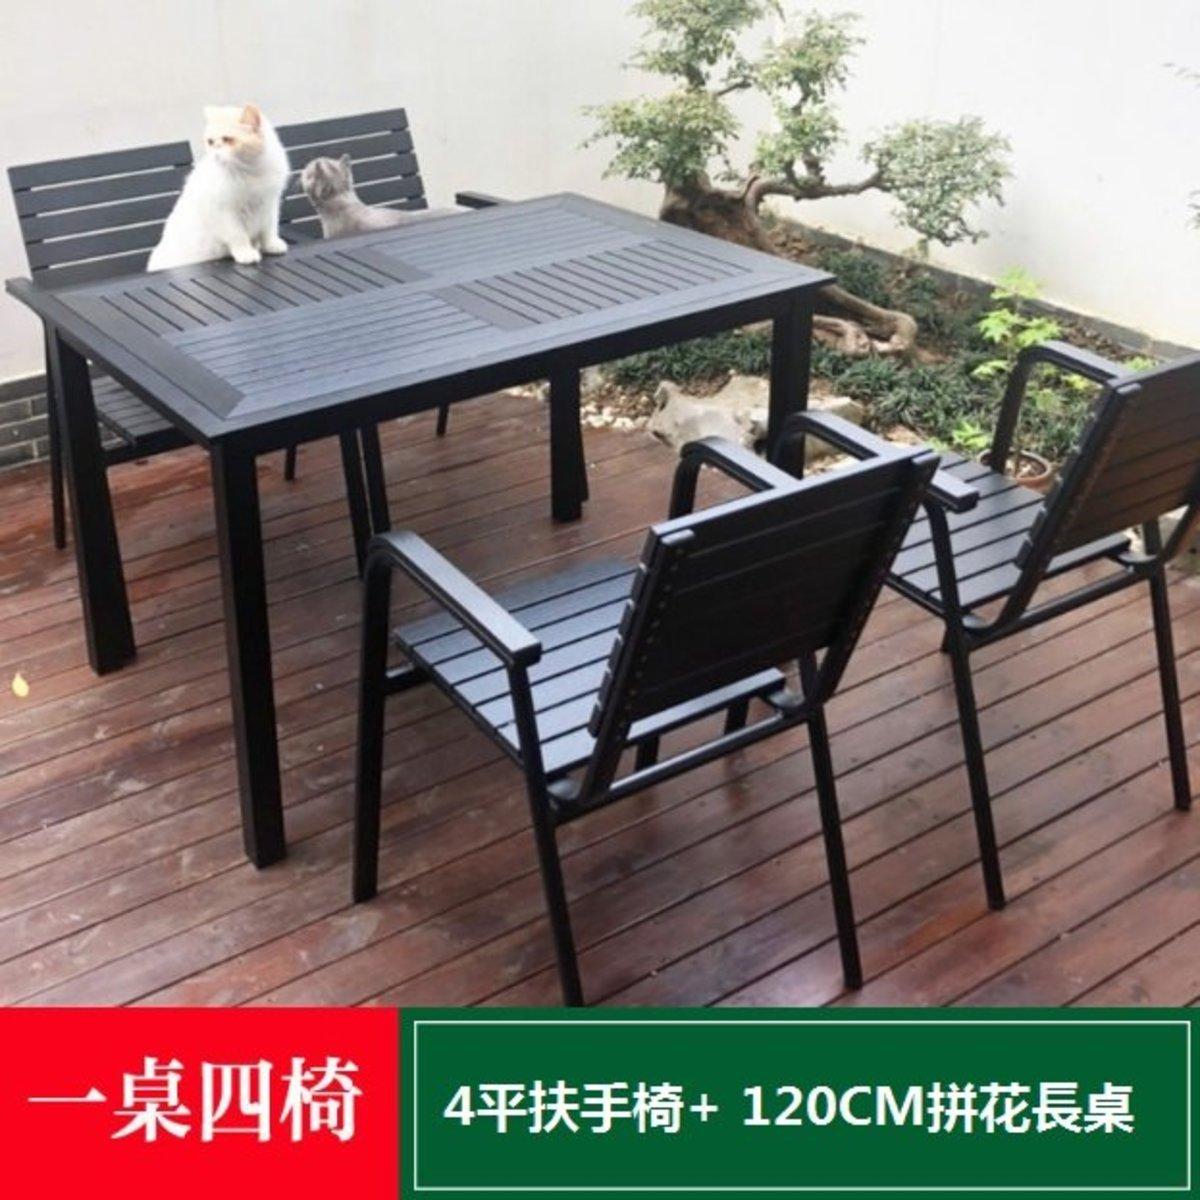 戶外塑木休閒桌椅(4平扶手椅+120CM拼花長桌)